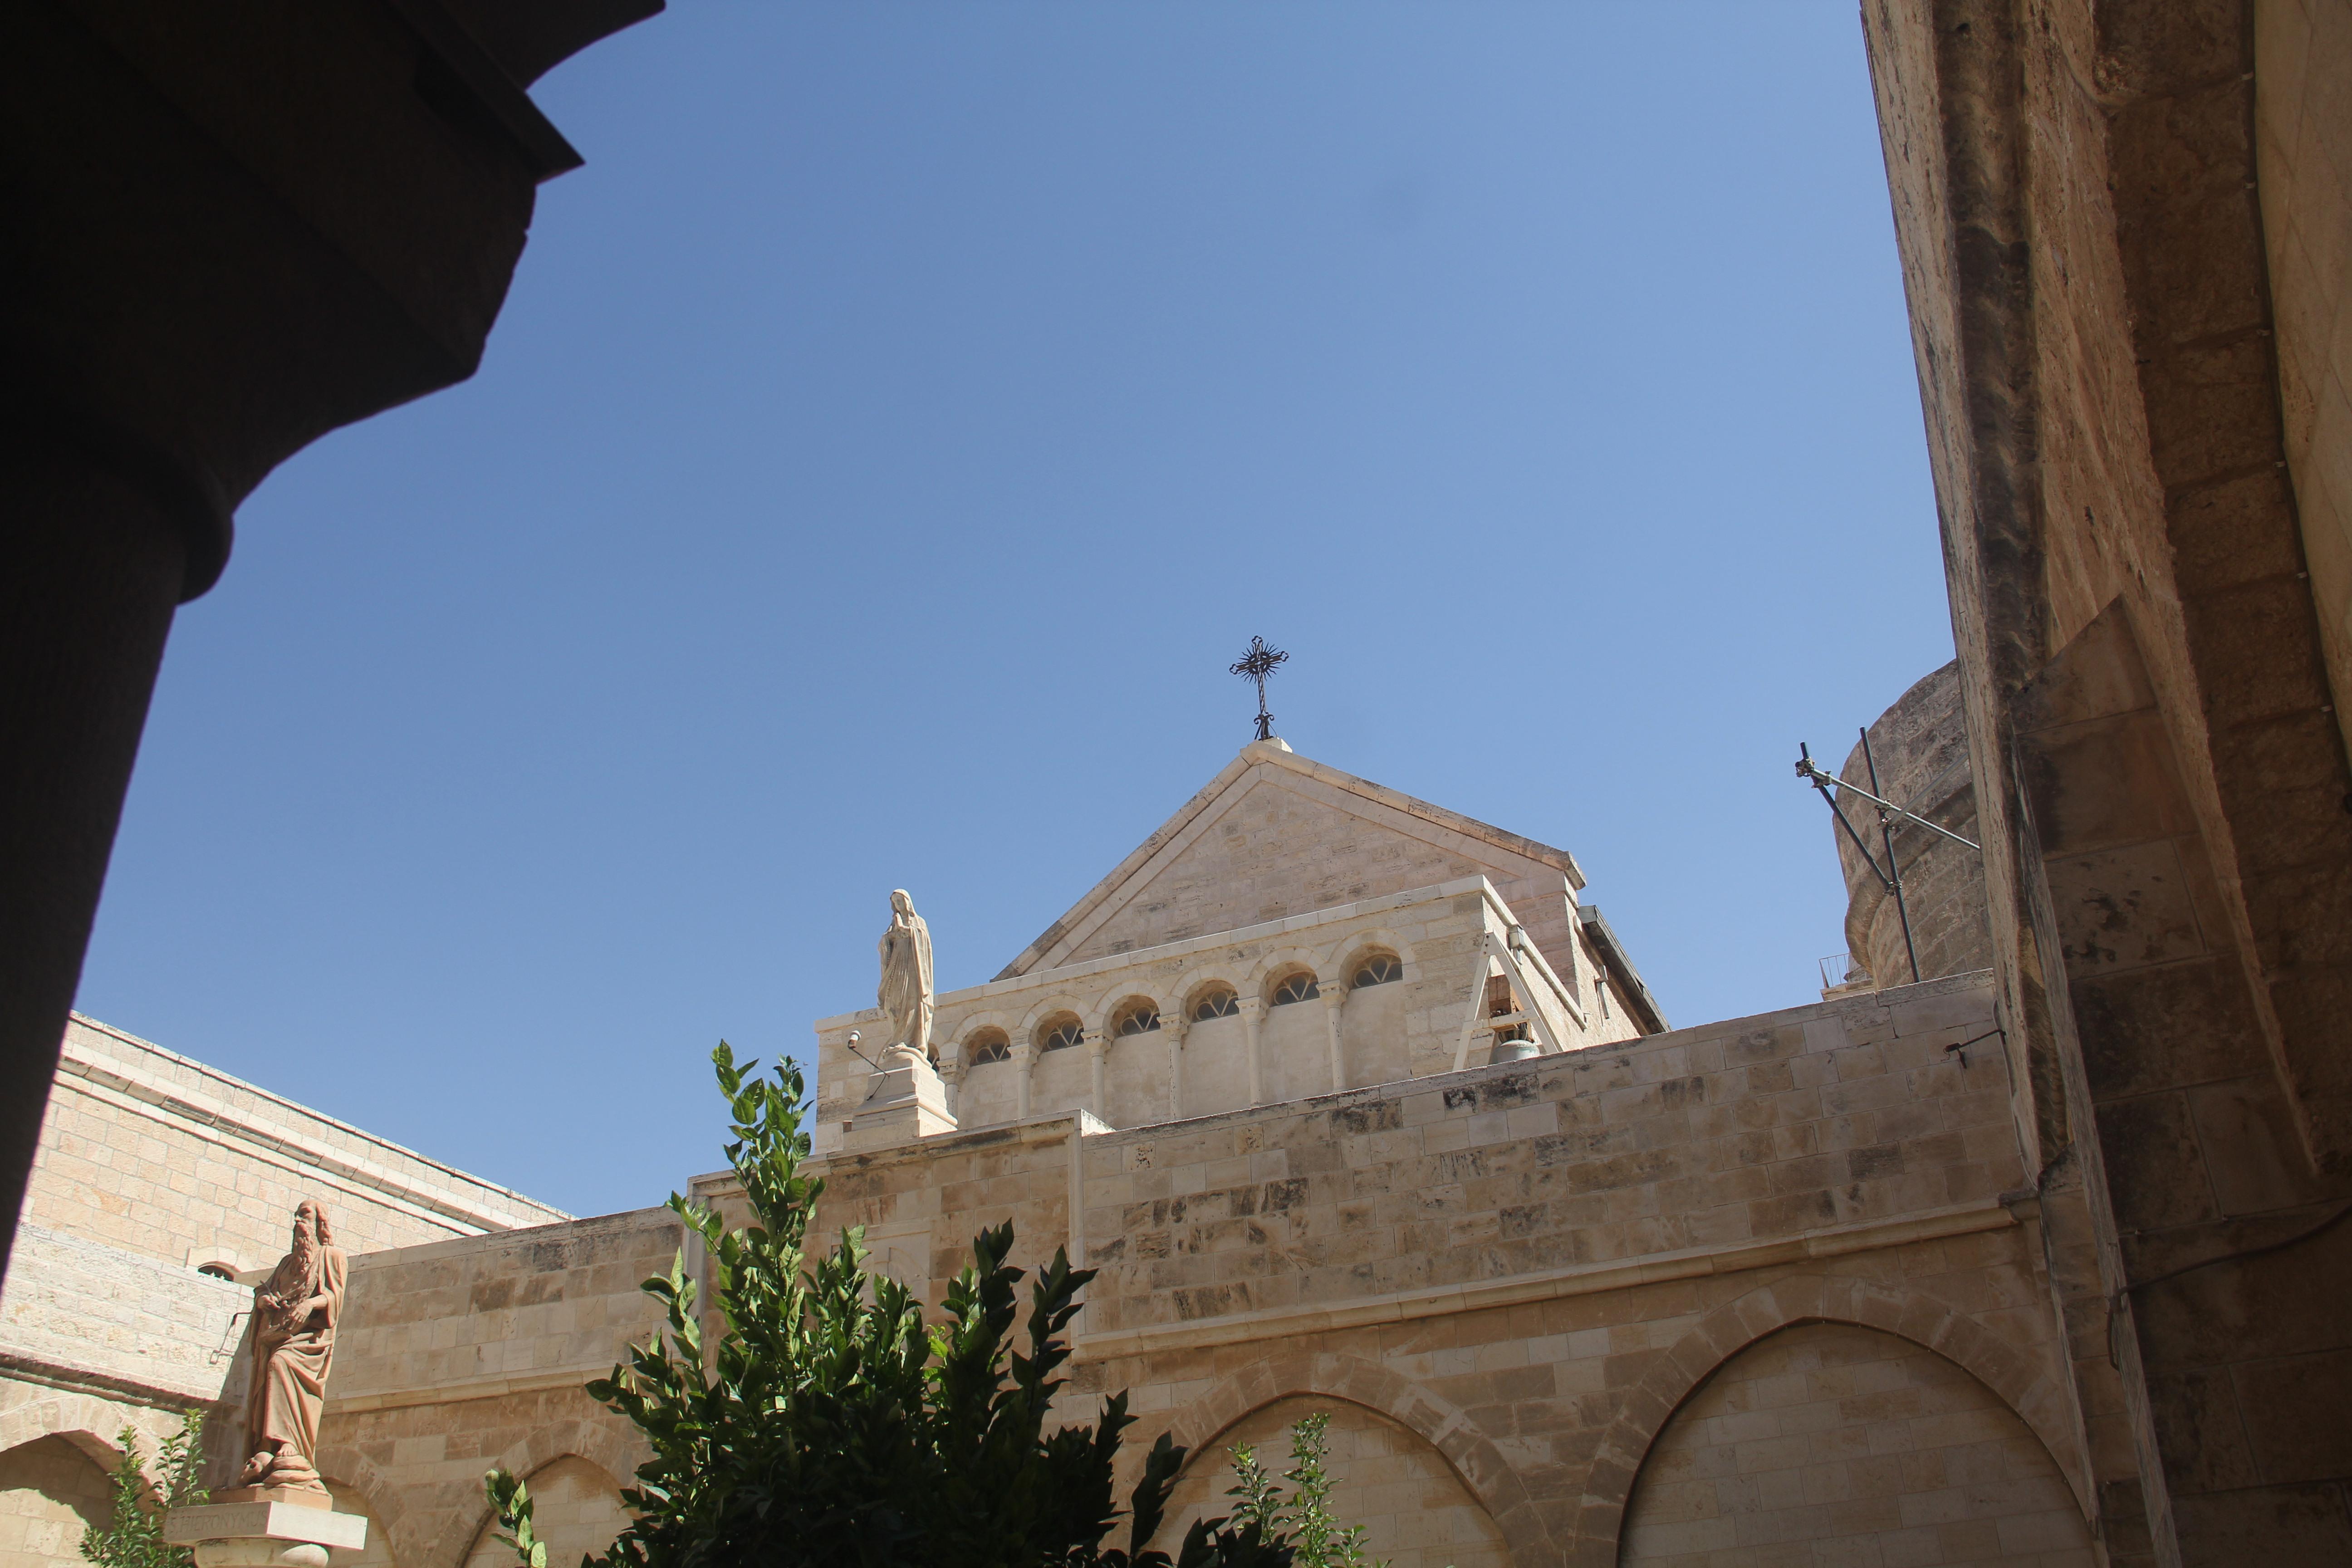 【主誕堂】紀念彌賽亞耶穌基督降生的地方001